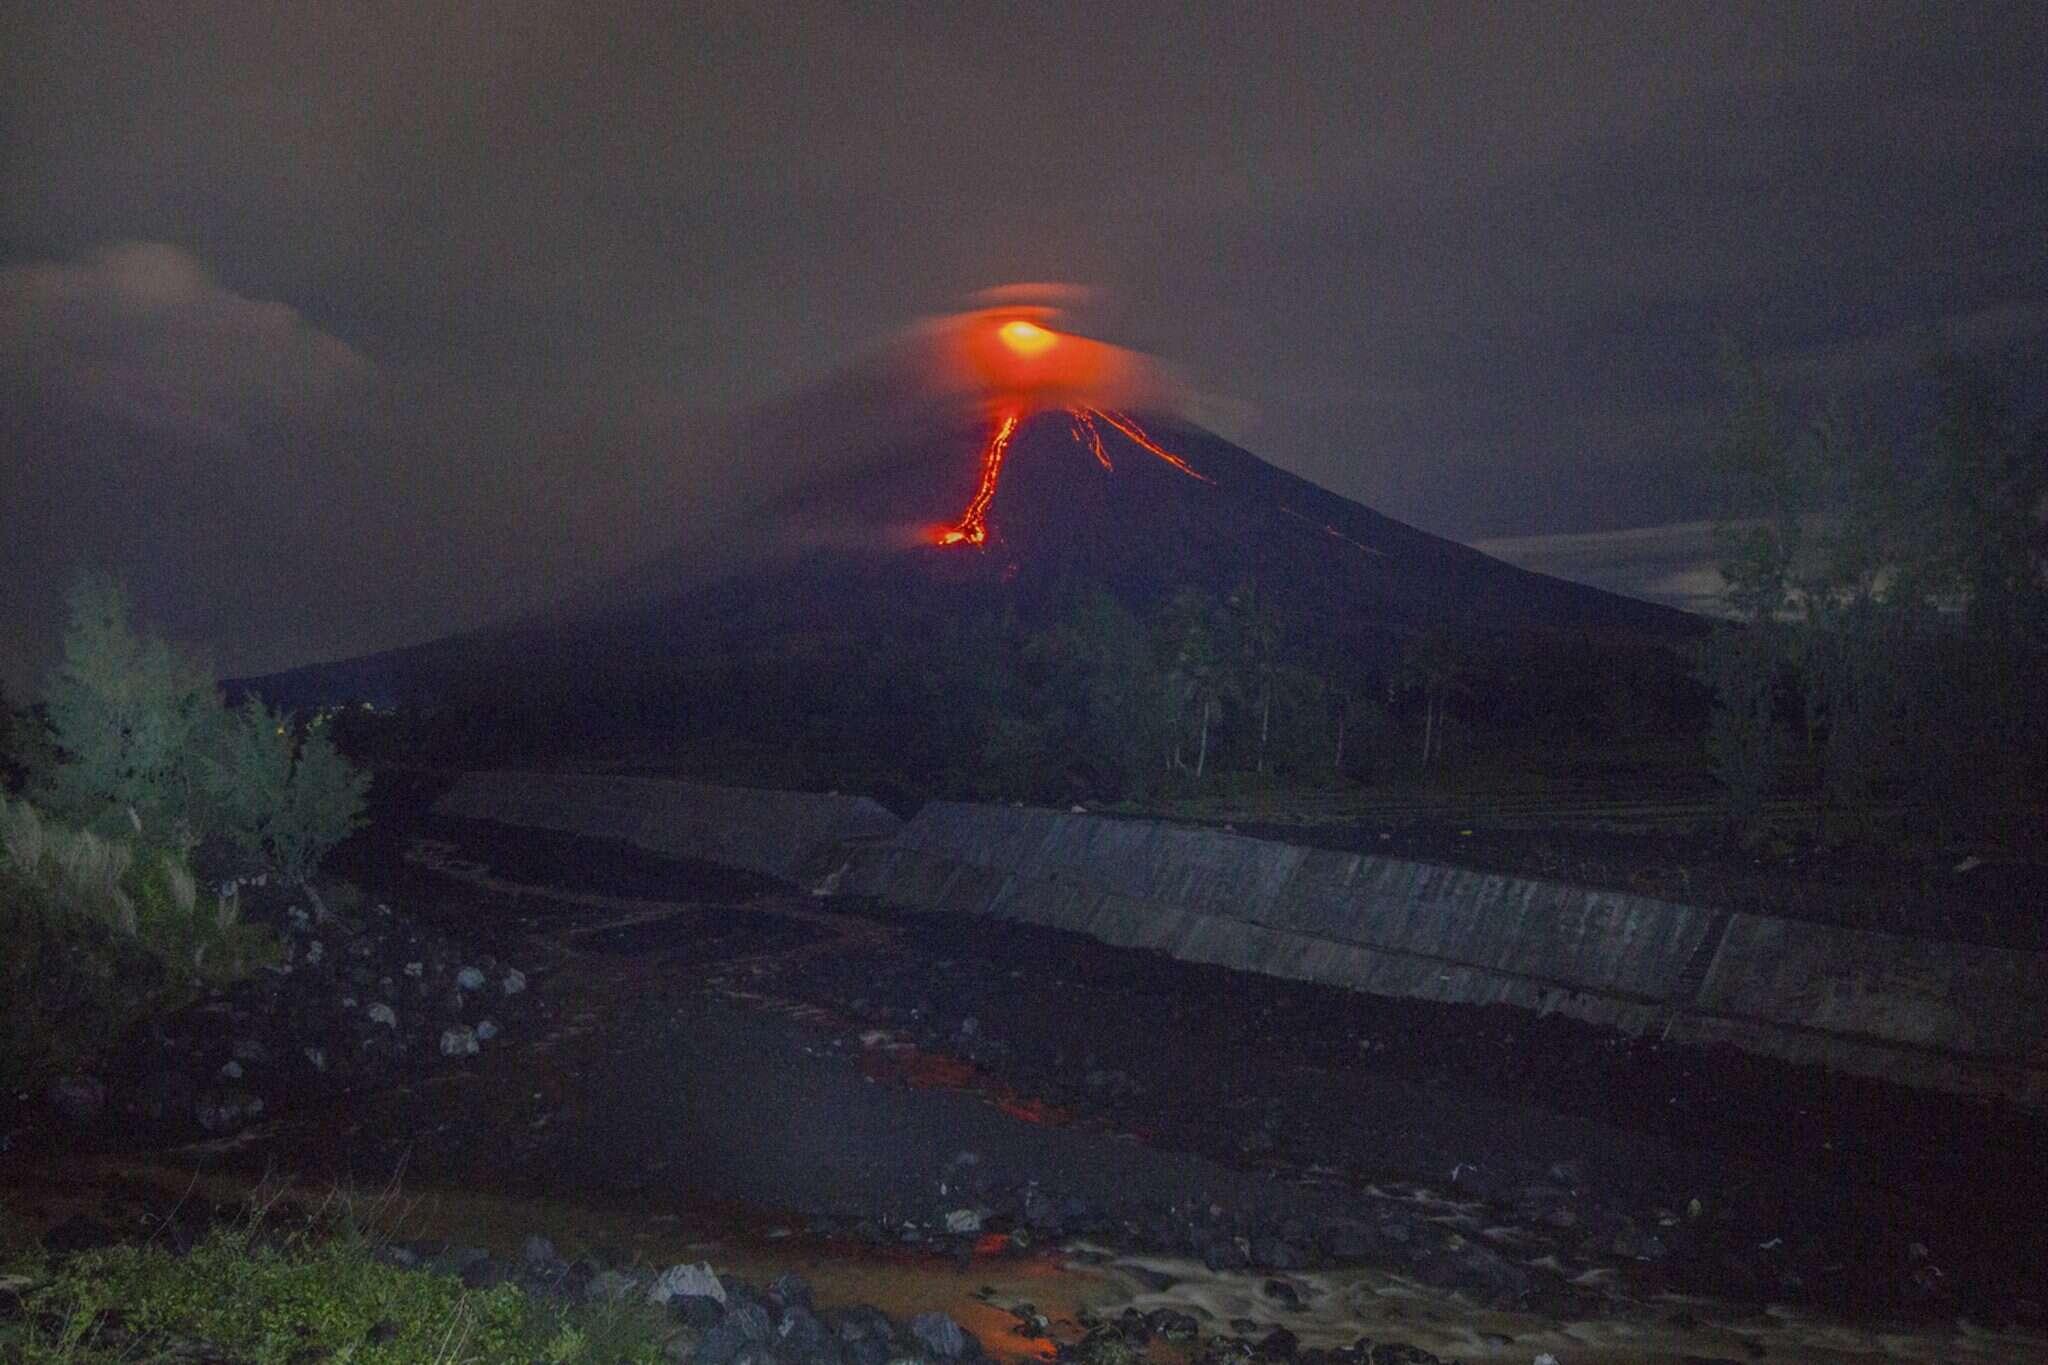 מפלי לבה בהר הגעש מאיון שבפיליפינים. צילום: AP